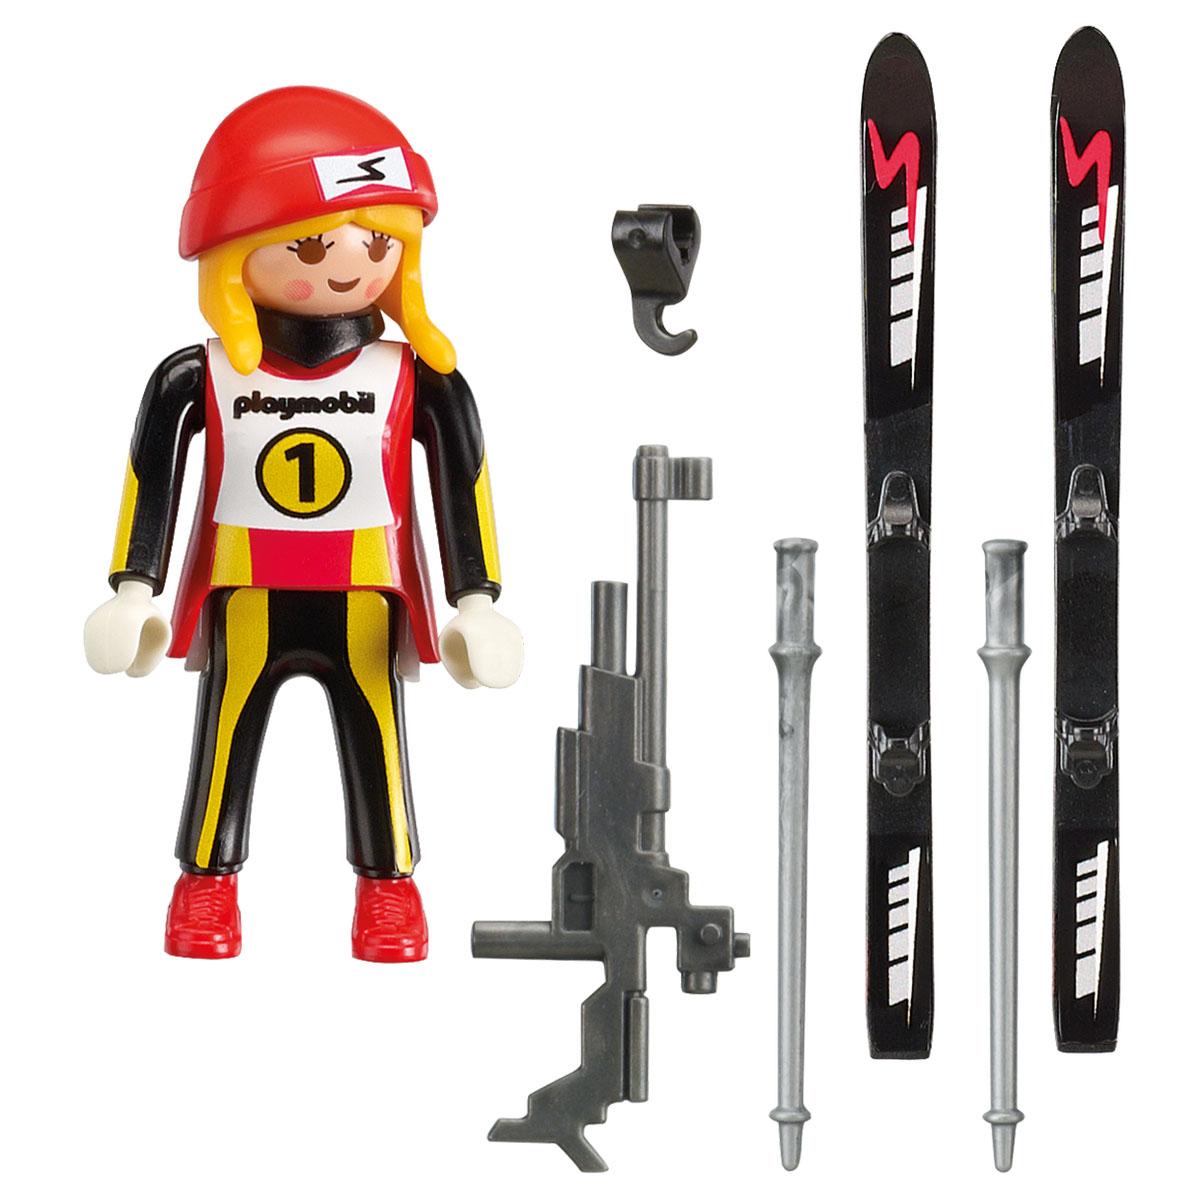 Playmobil Игровой набор Зимние виды спорта Биатлонистка